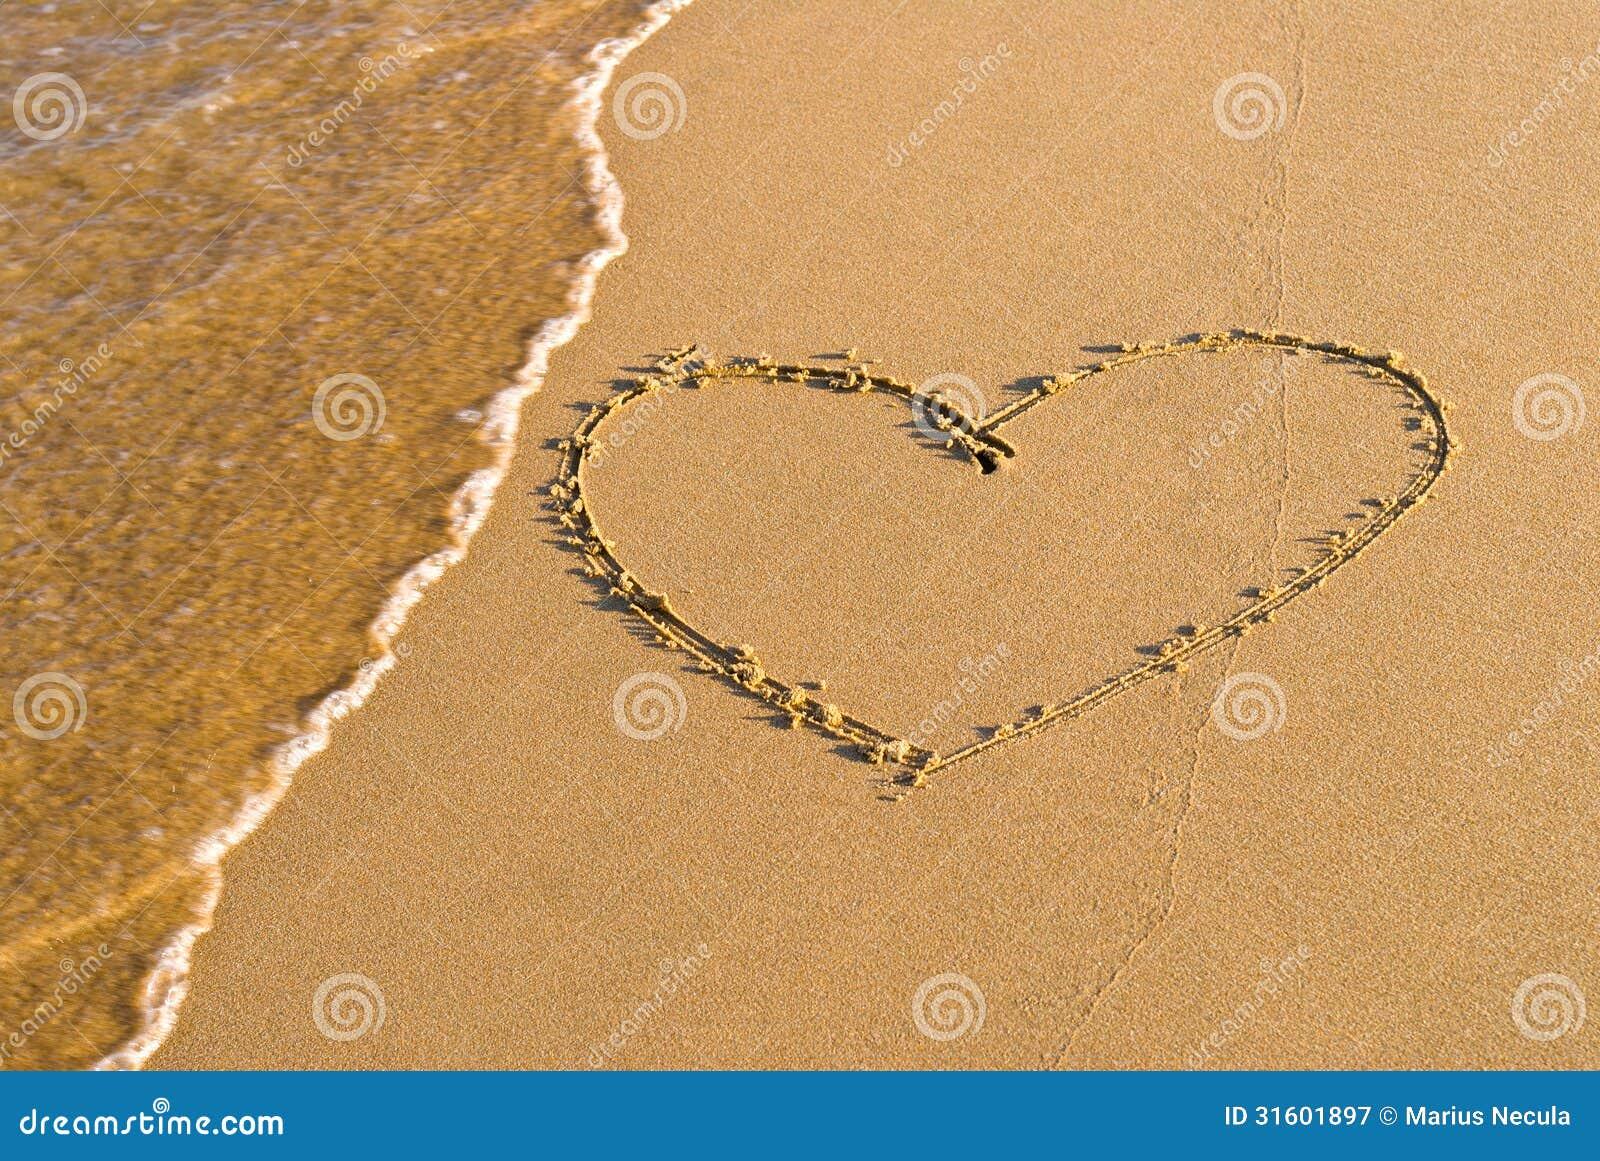 sable heart